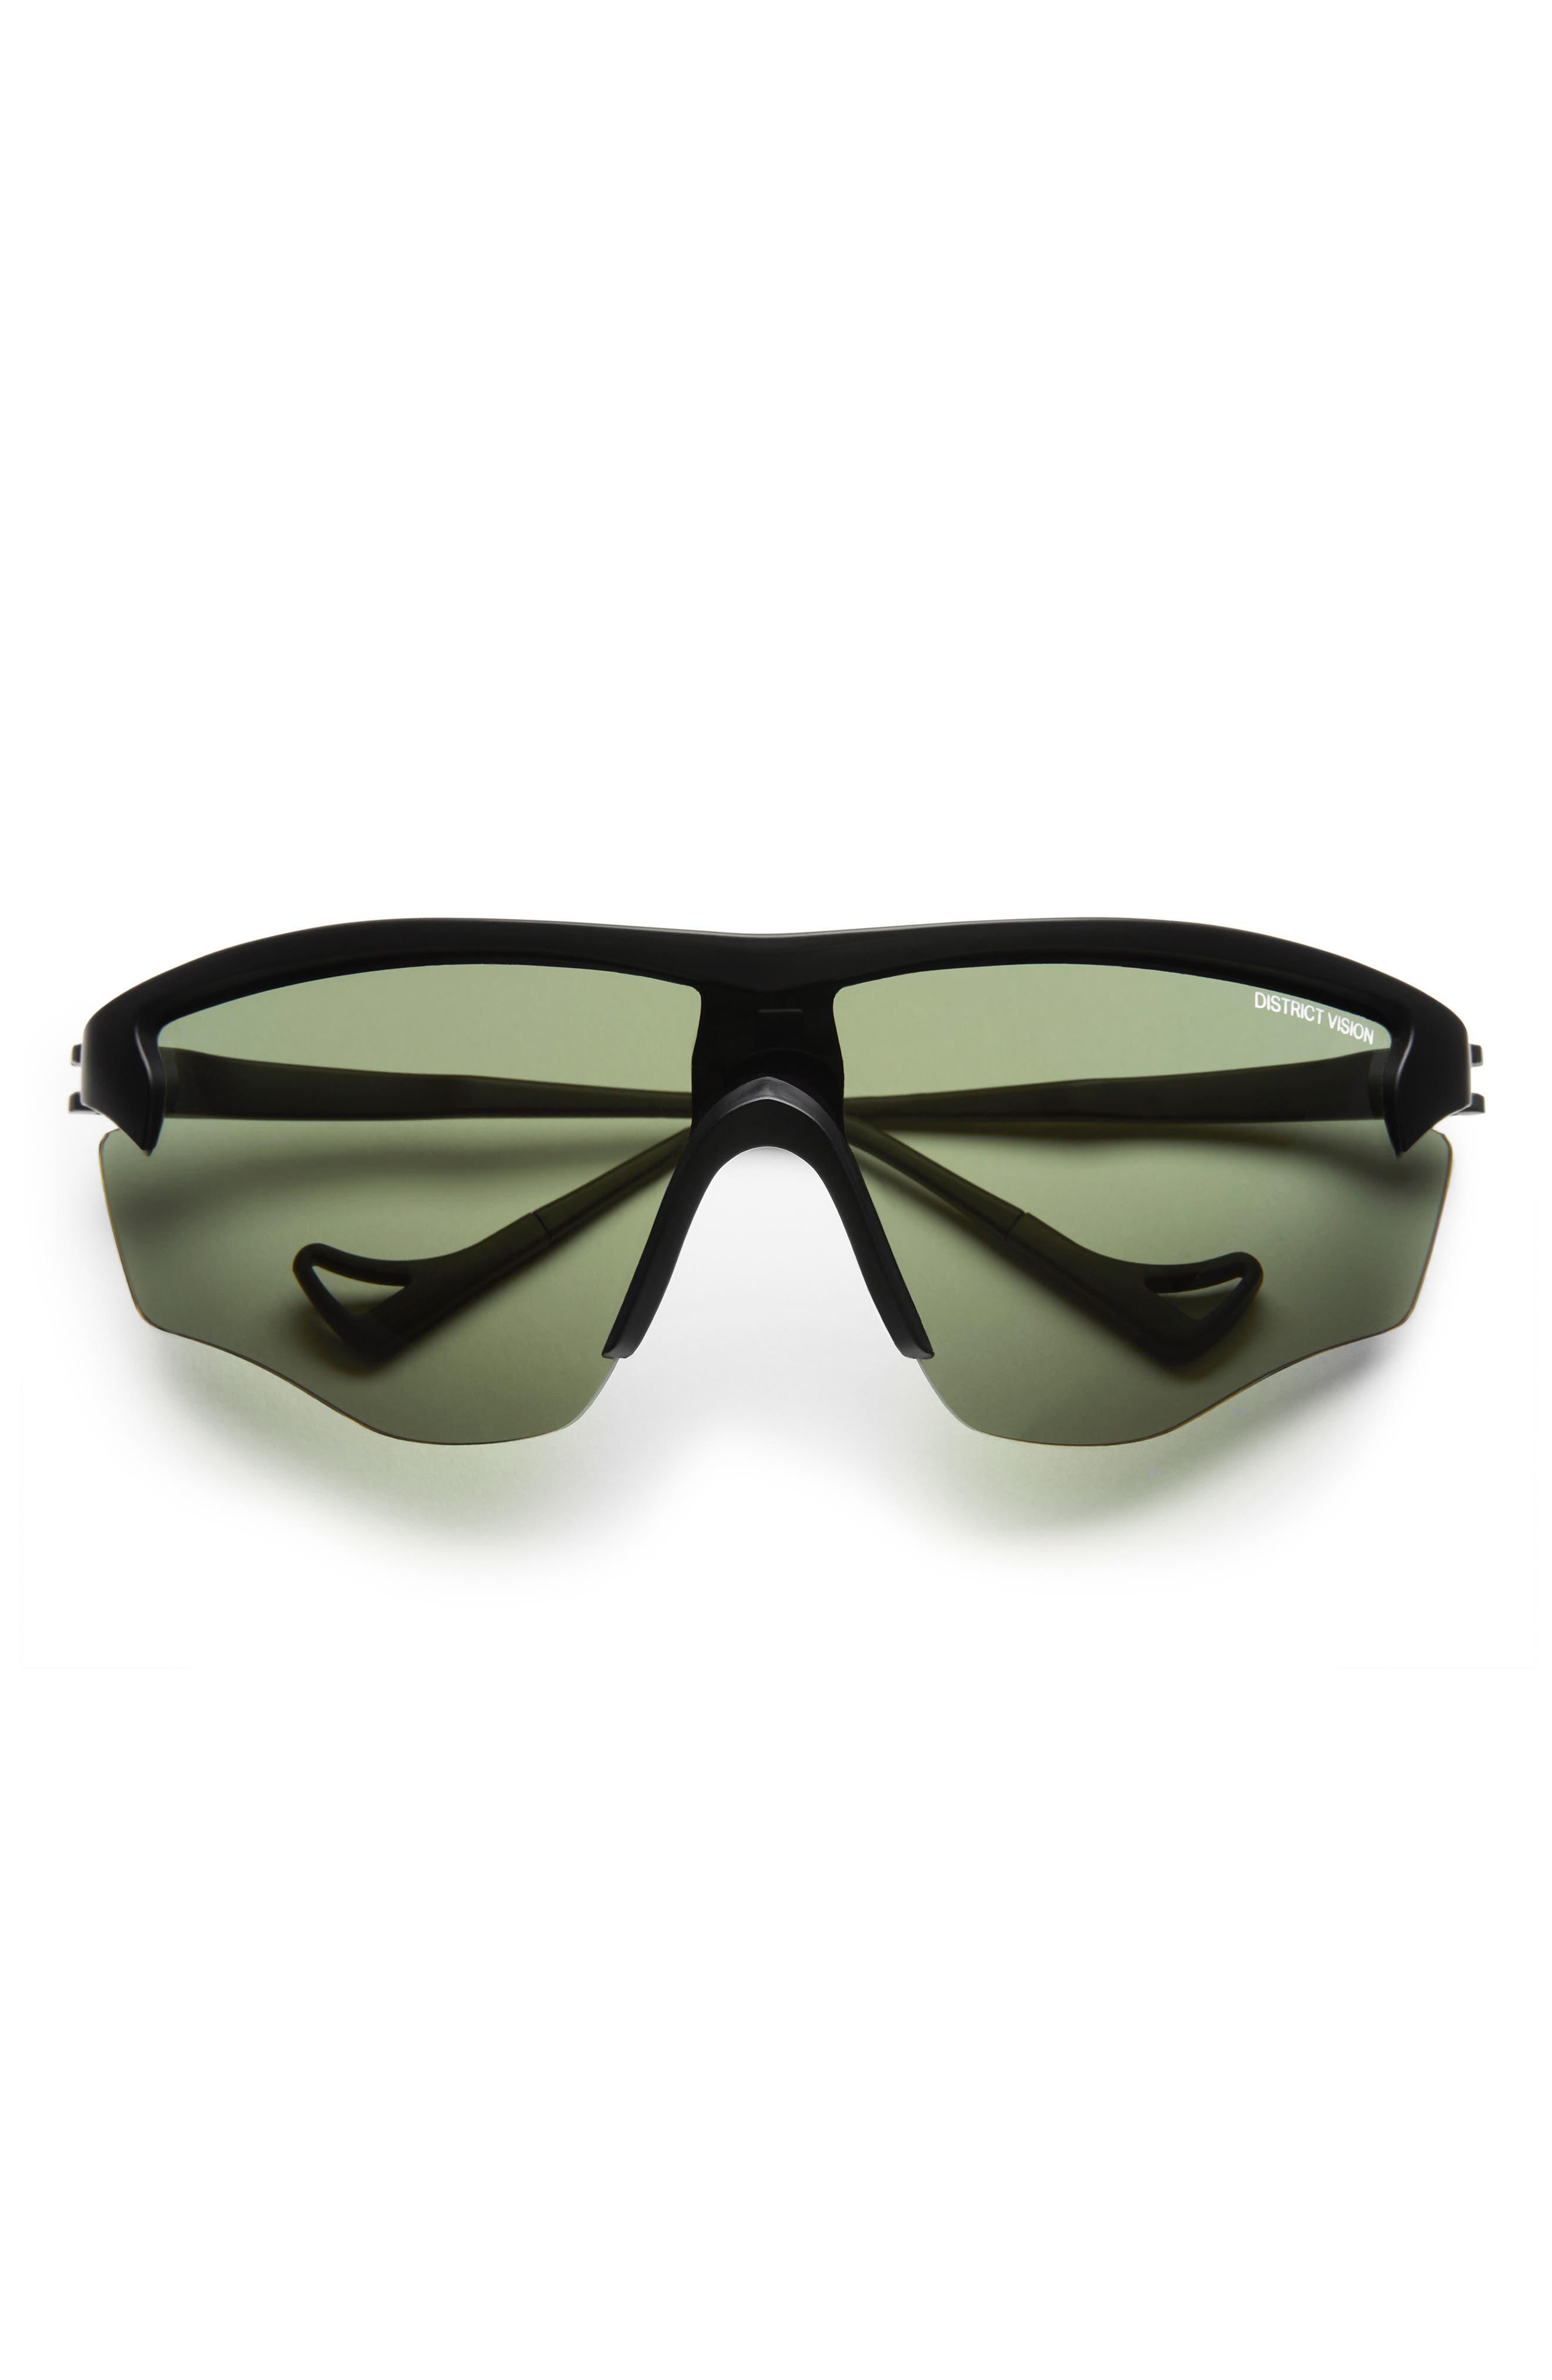 Junya 70mm Racing Sunglasses,                             Alternate thumbnail 2, color,                             BLACK/ SKY